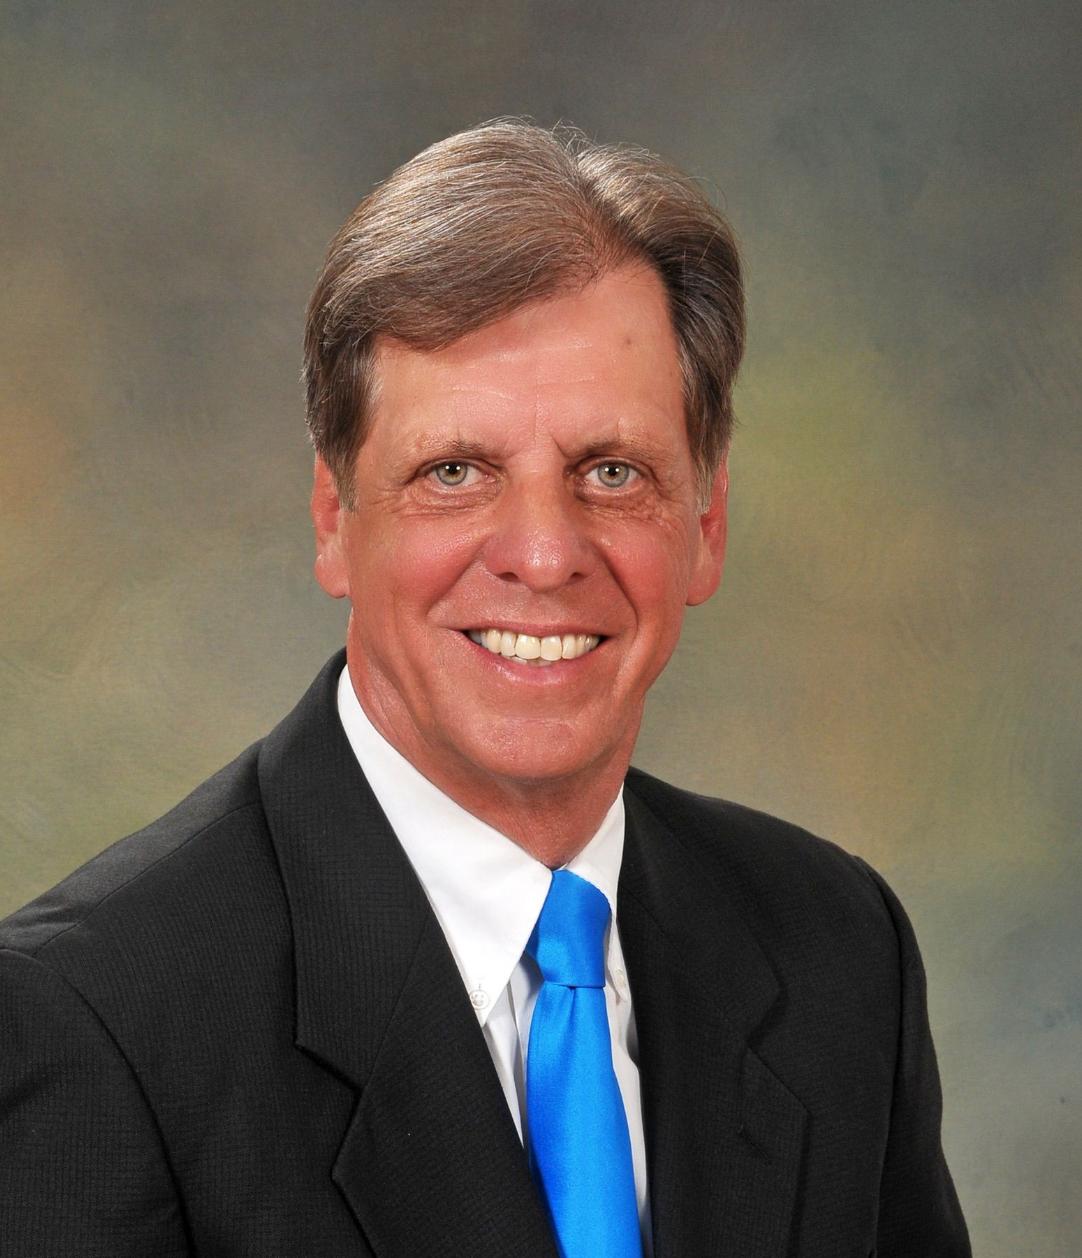 Judge Randy Jinks